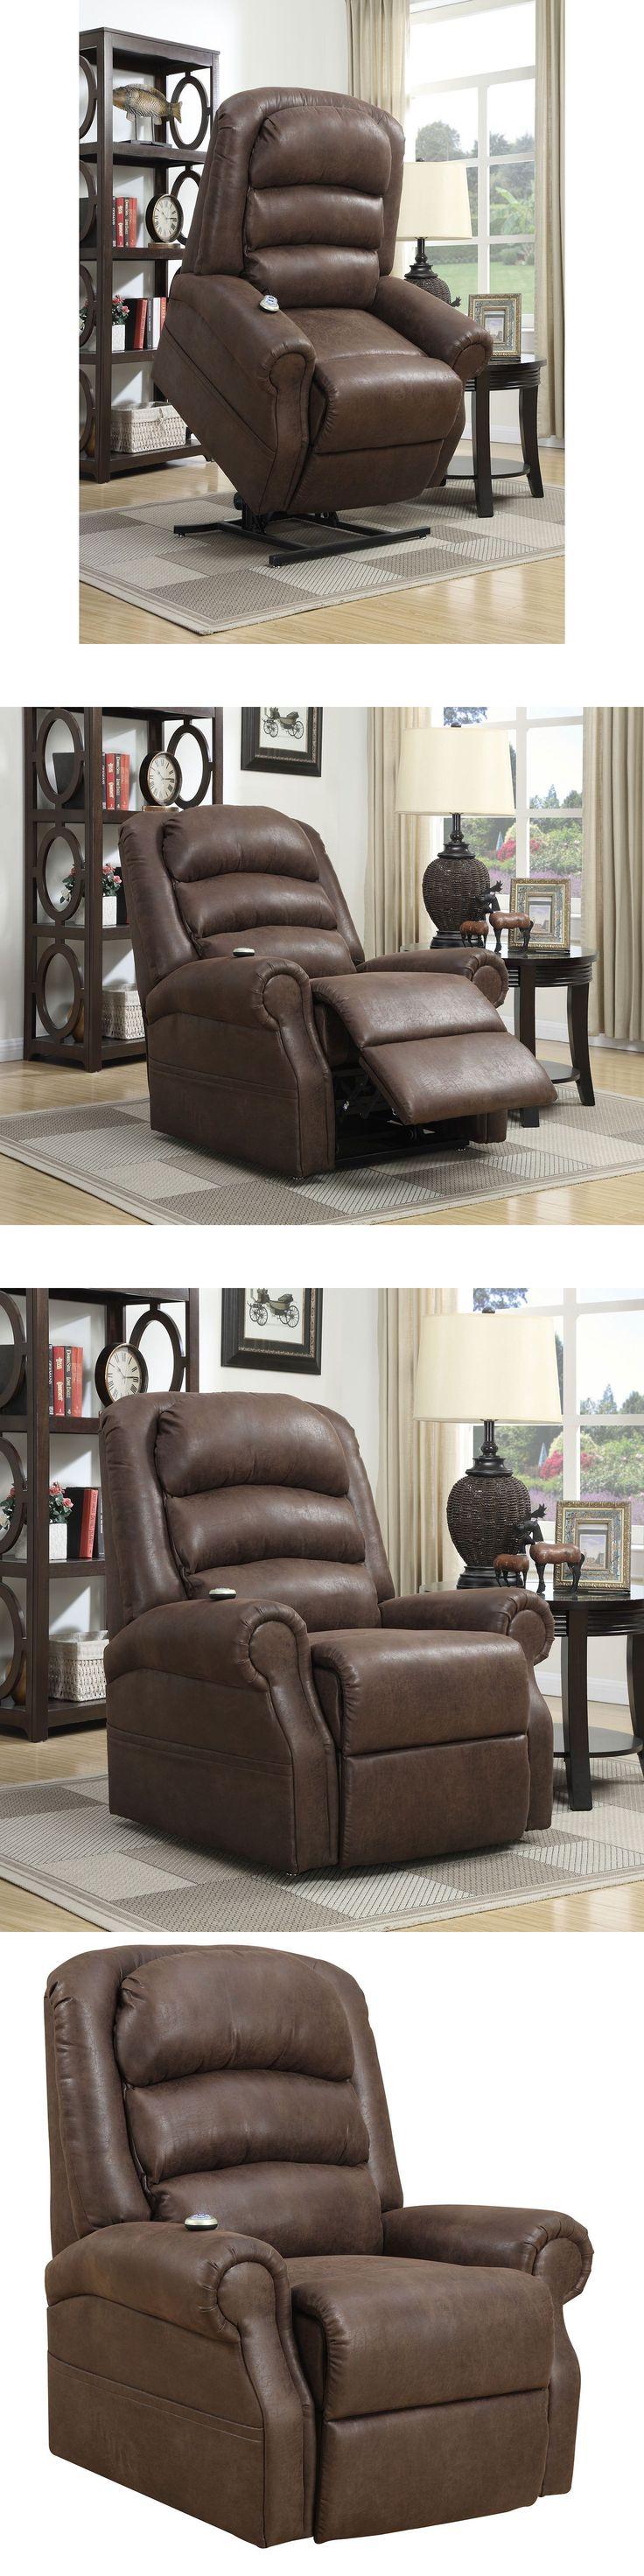 Más de 25 ideas increbles sobre Power recliner chairs en